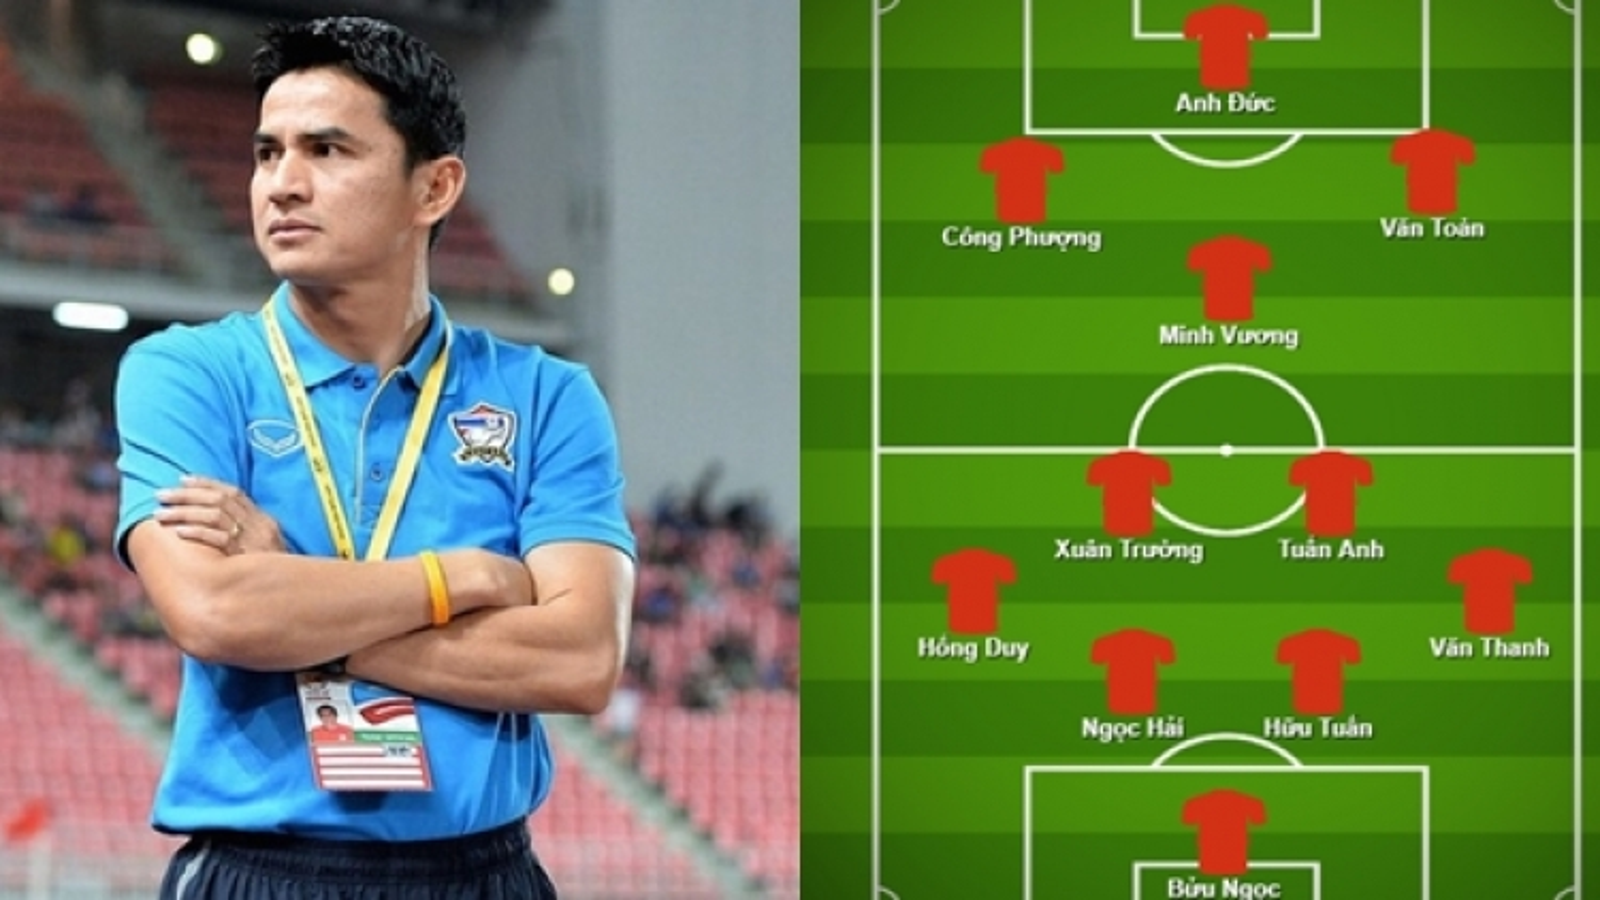 Đội hình toàn cầu thủ ĐT Việt Nam chờ đợi Kiatisak tại HAGL